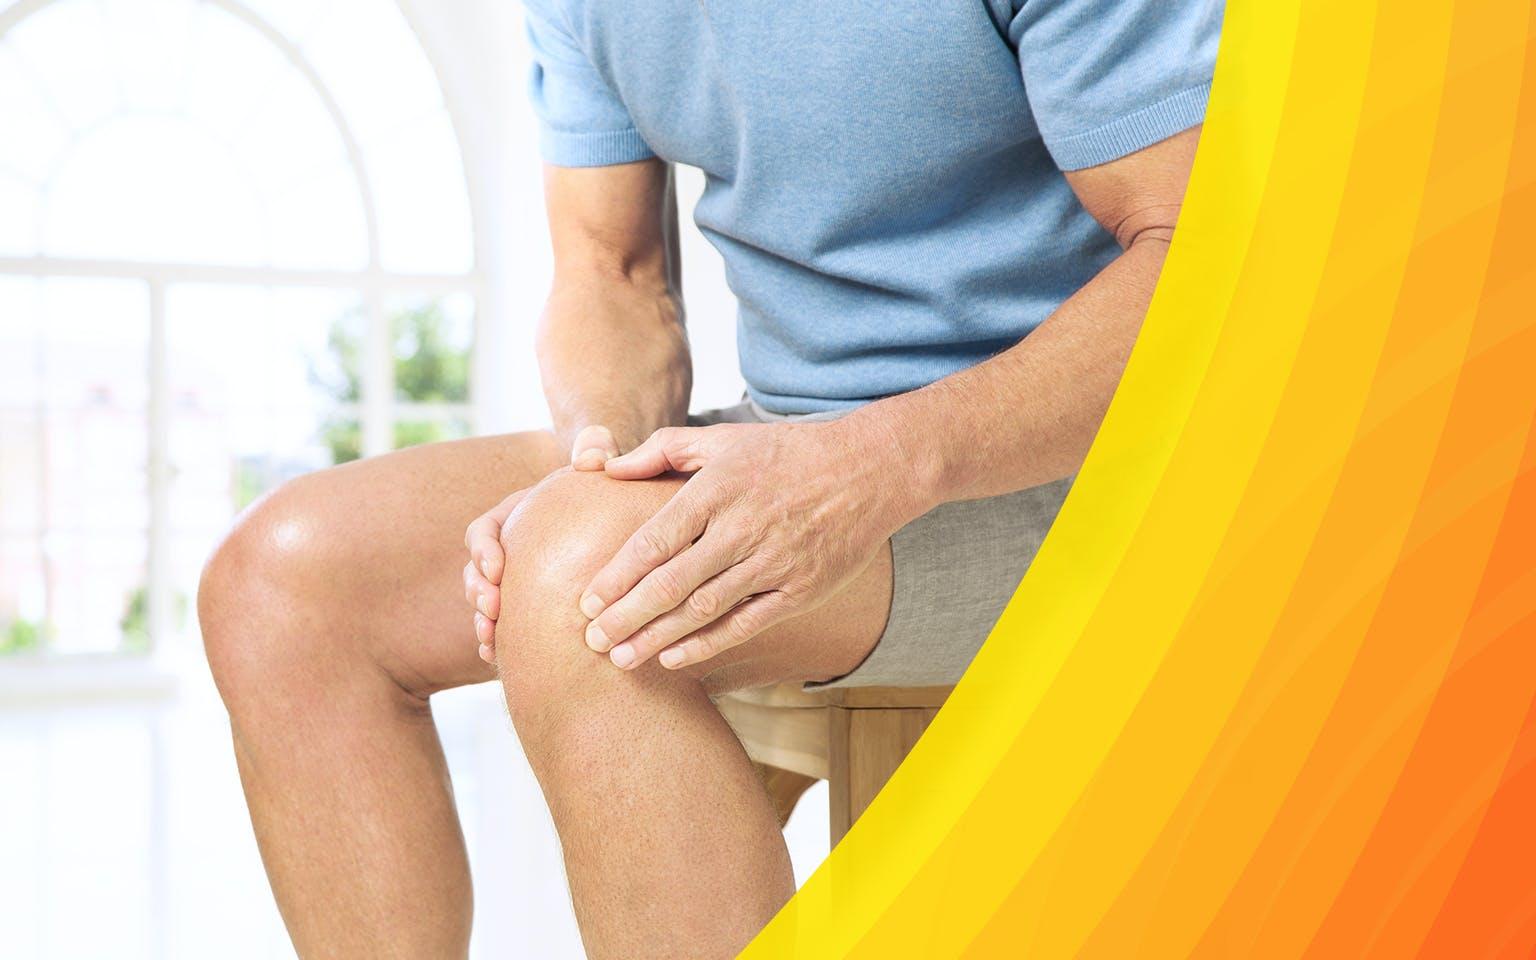 skausmas tabletes sąnarių gydymo gydymo iš aukso ūsai sąnarių